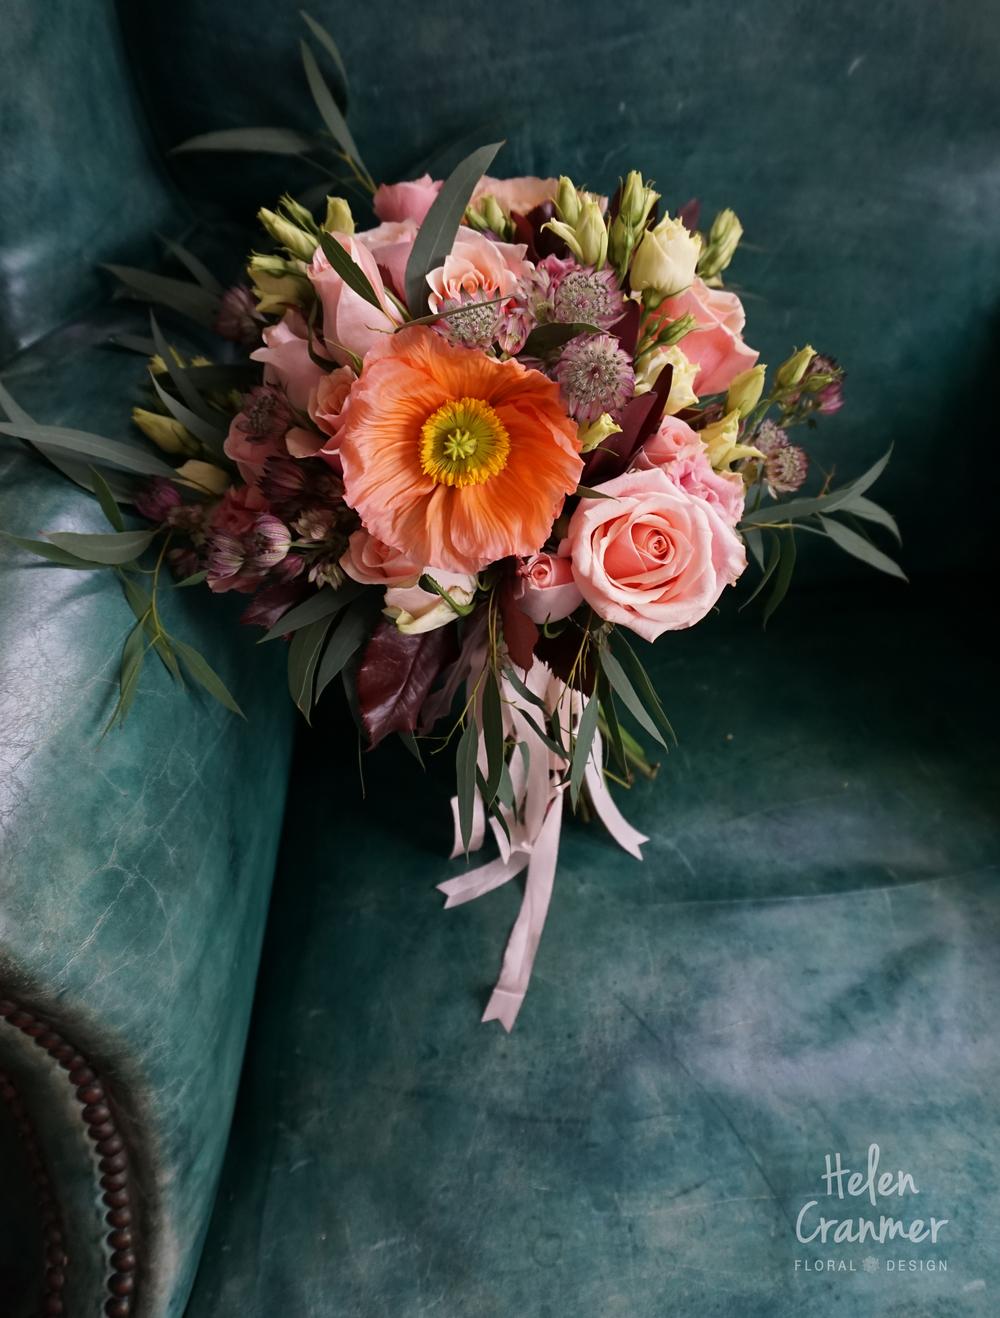 Helen Cranmer Floral Design Flowers Most curious wedding fair (43 of 64).jpg